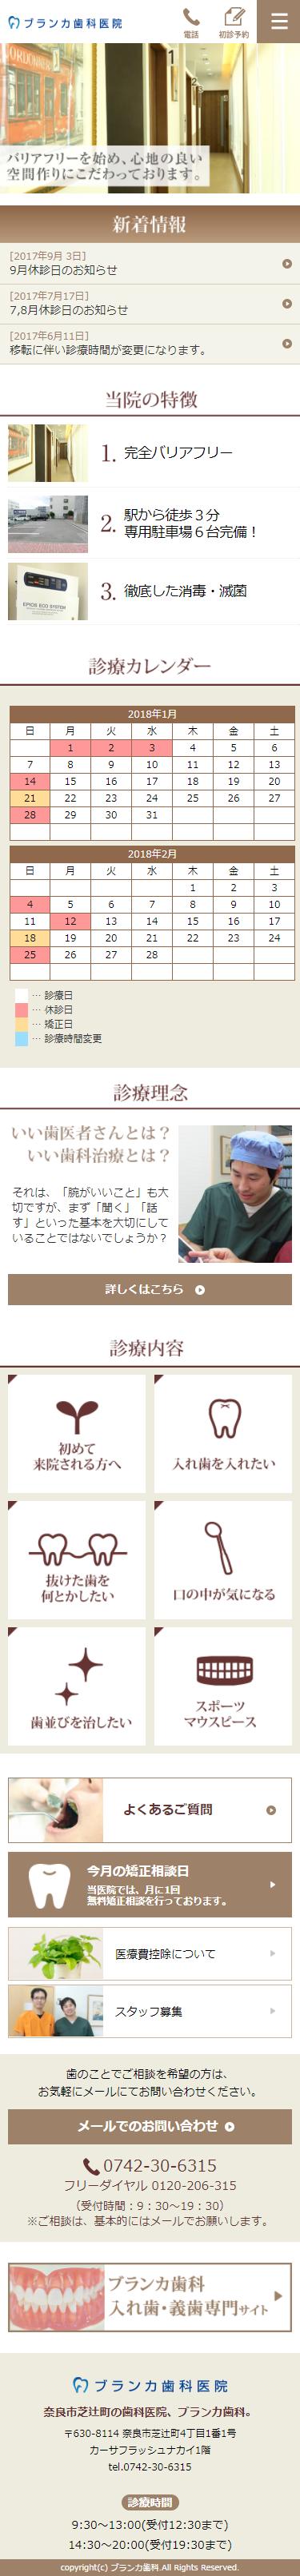 奈良市 ブランカ歯科様 ホームページ制作3